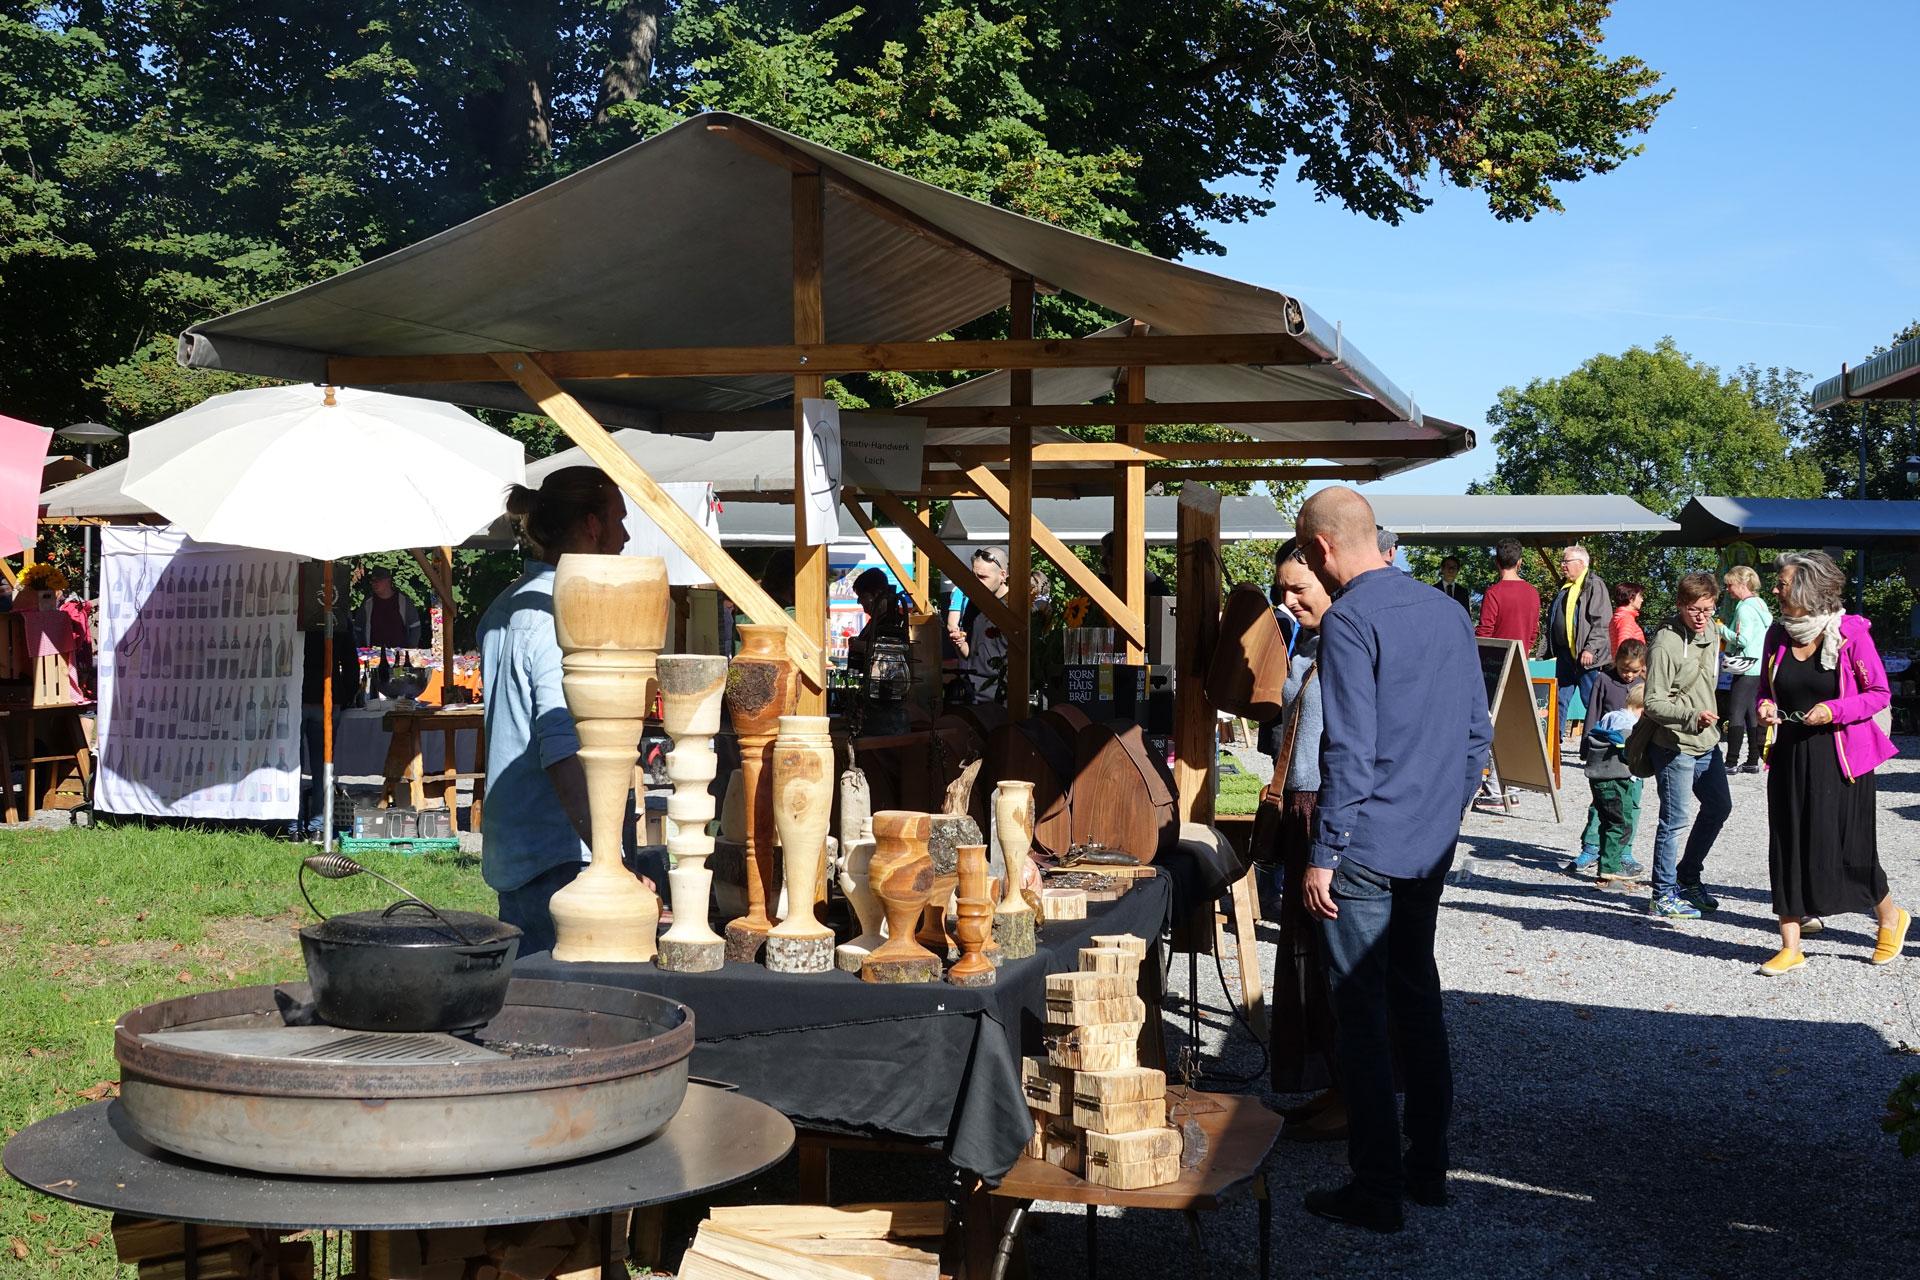 Wartegg_HerbstmarktFest2019_08.JPG